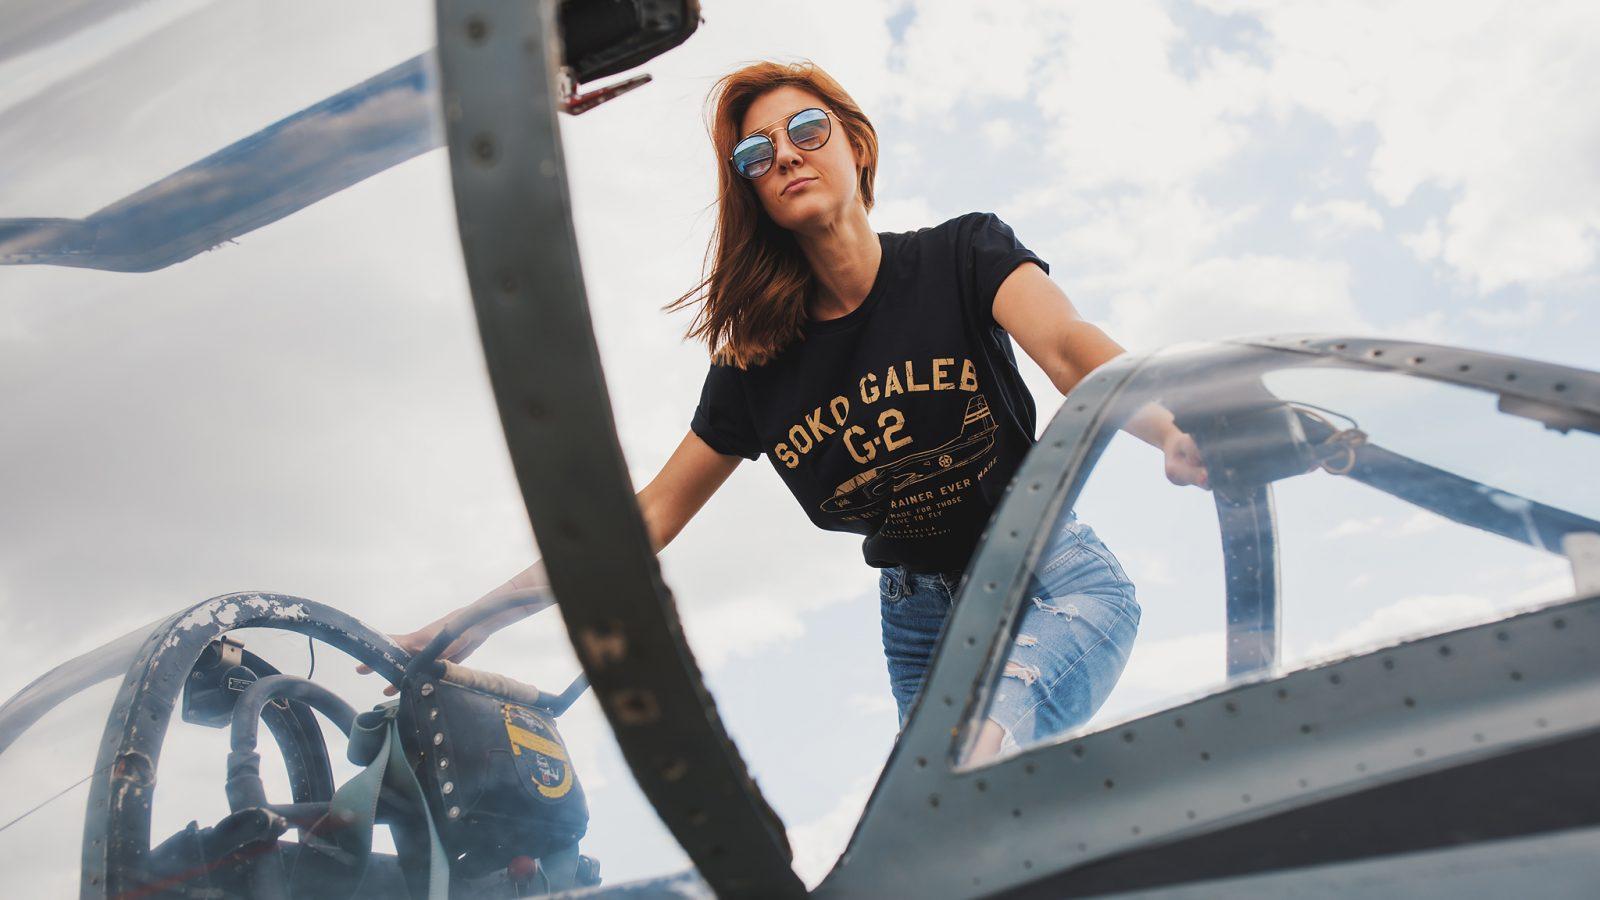 [PREMIJERA] Nove Eskadrila majice posvećene Galebu G-2: 60 godina nikad nije izgledalo ovako dobro – nedelju dana popusta!